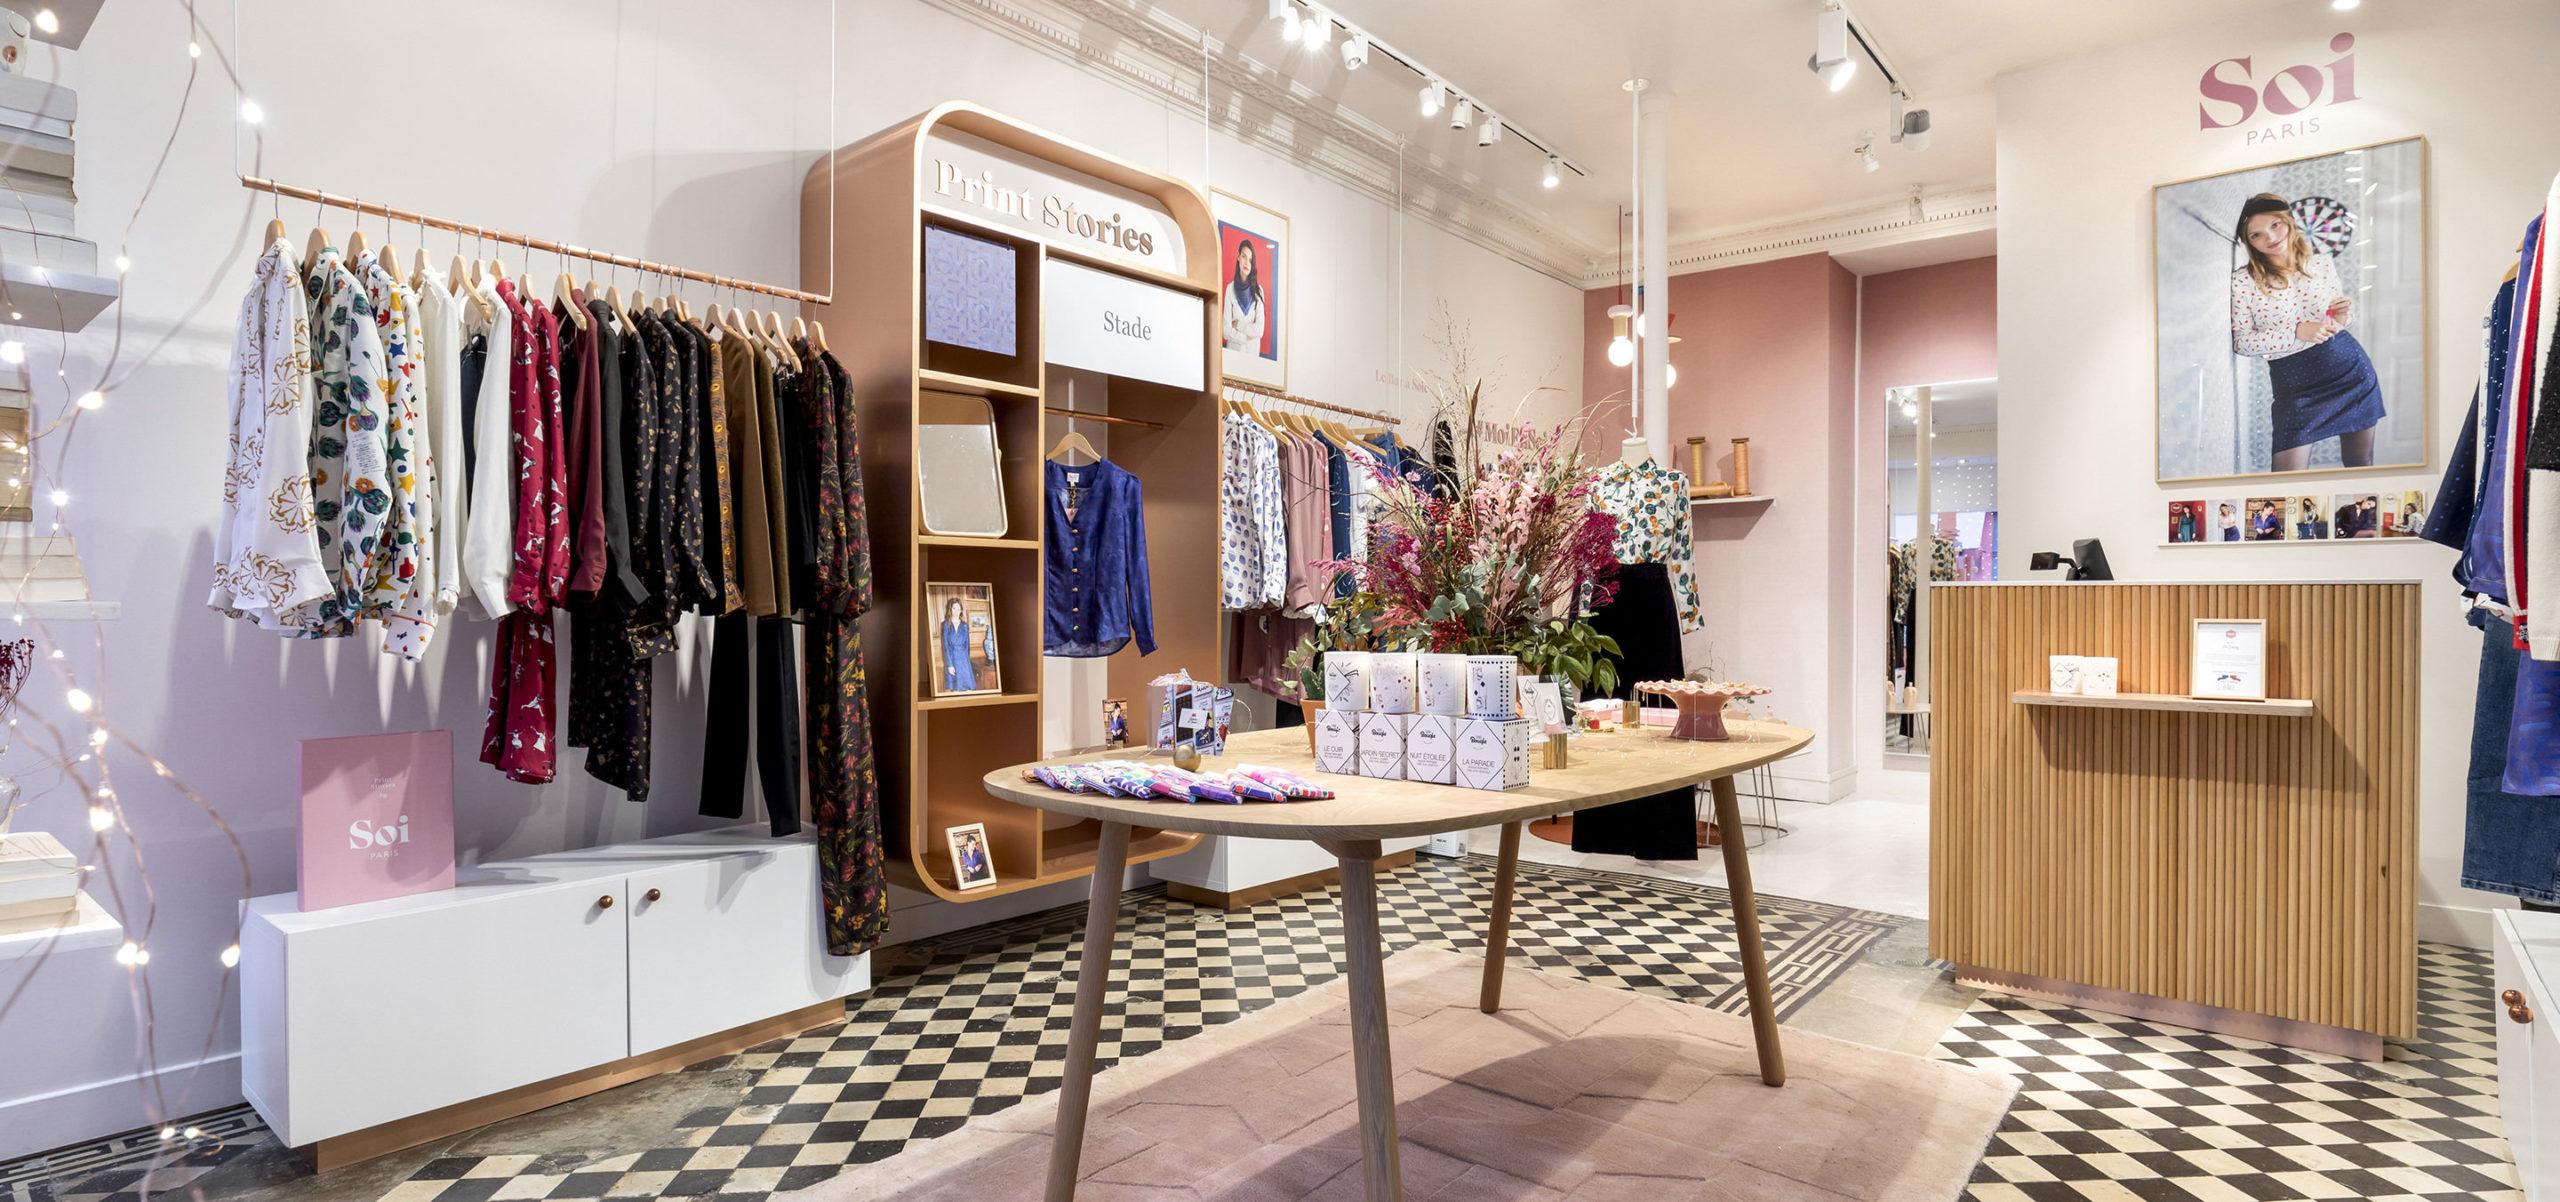 Label Experience : vue d'ensemble de la boutique de vêtements Soi dans le quartier du Marais à Paris